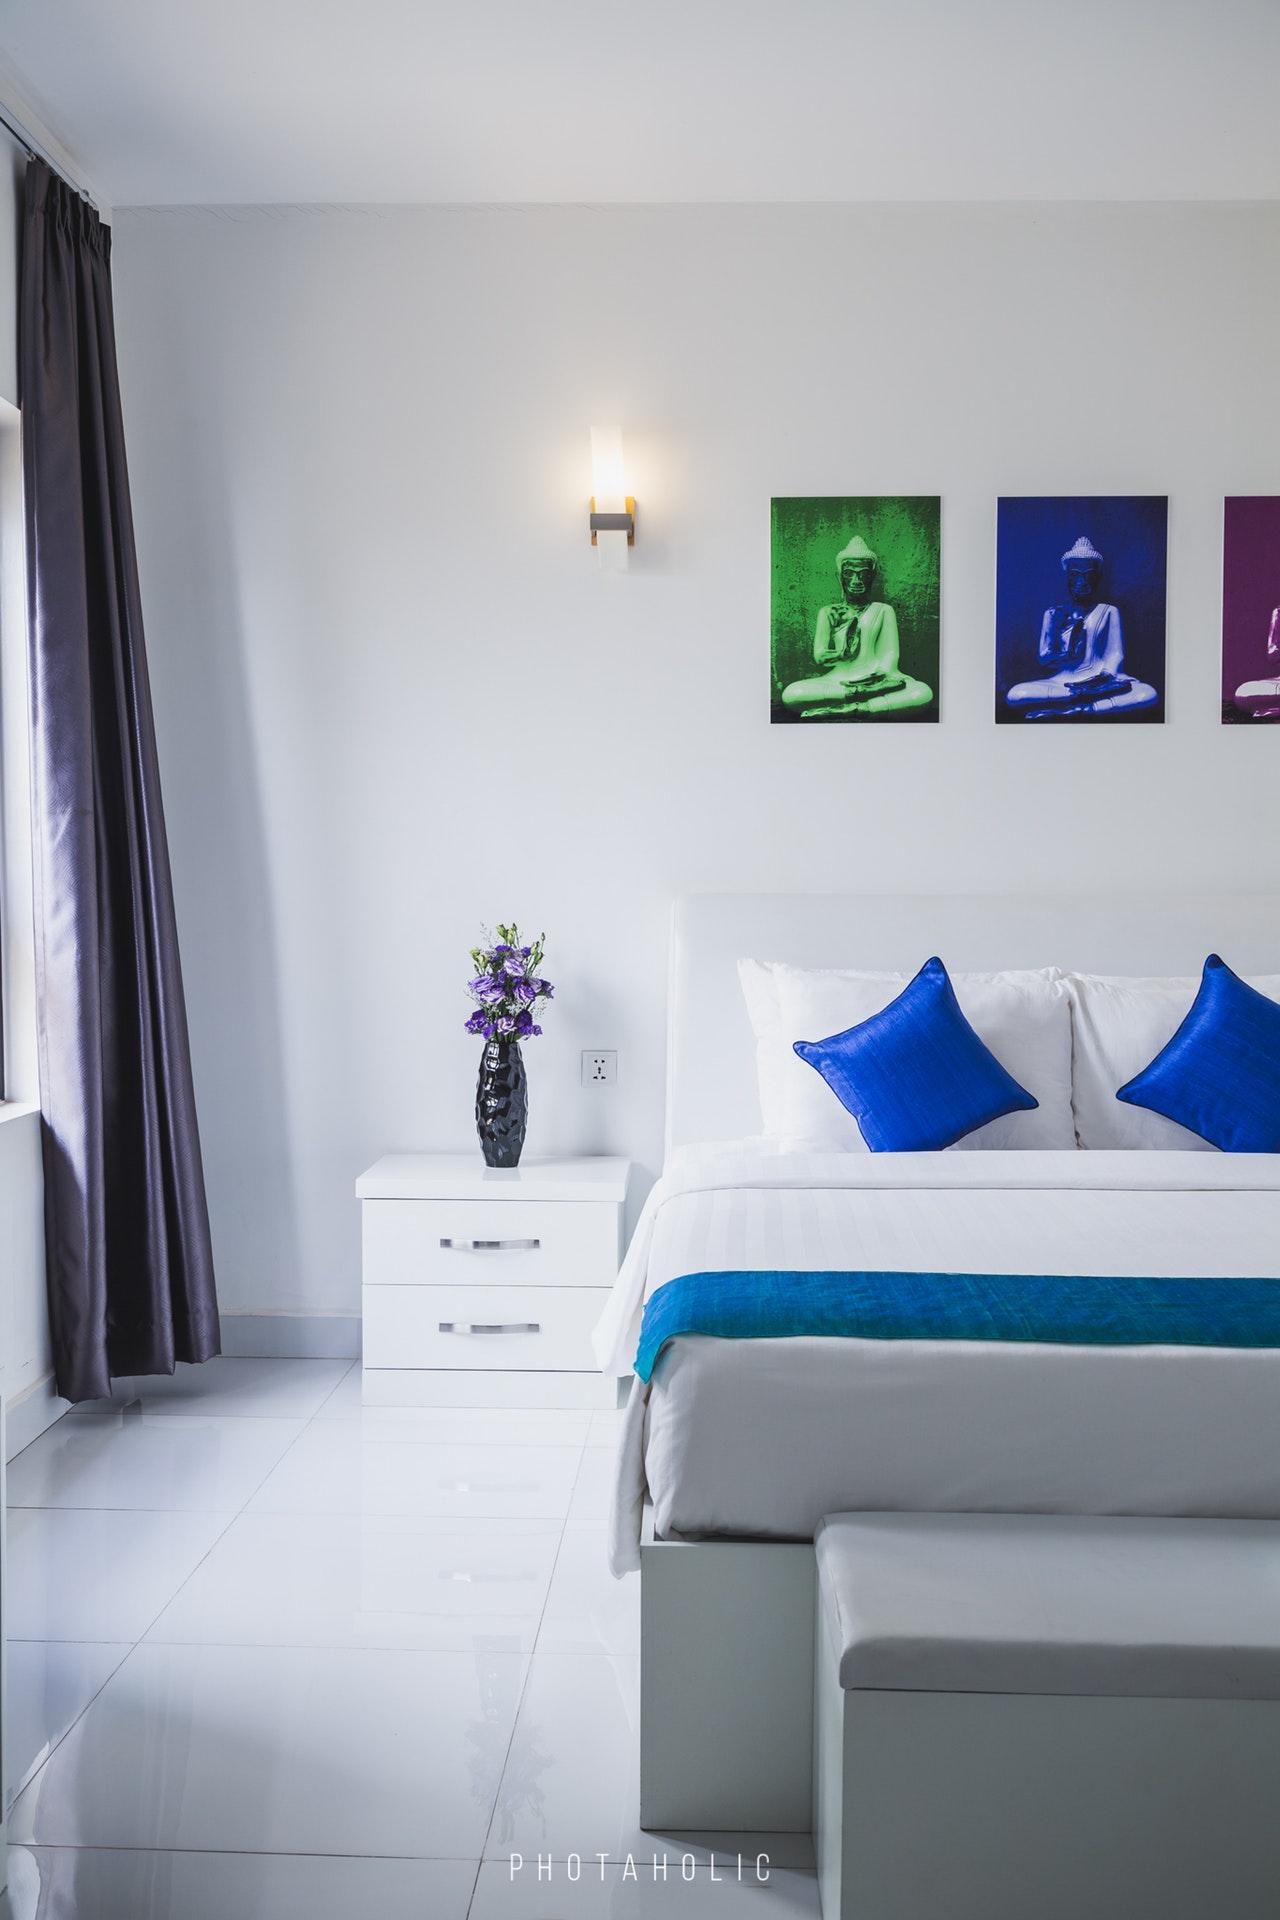 Łóżko i oświetlenie w małej sypialni